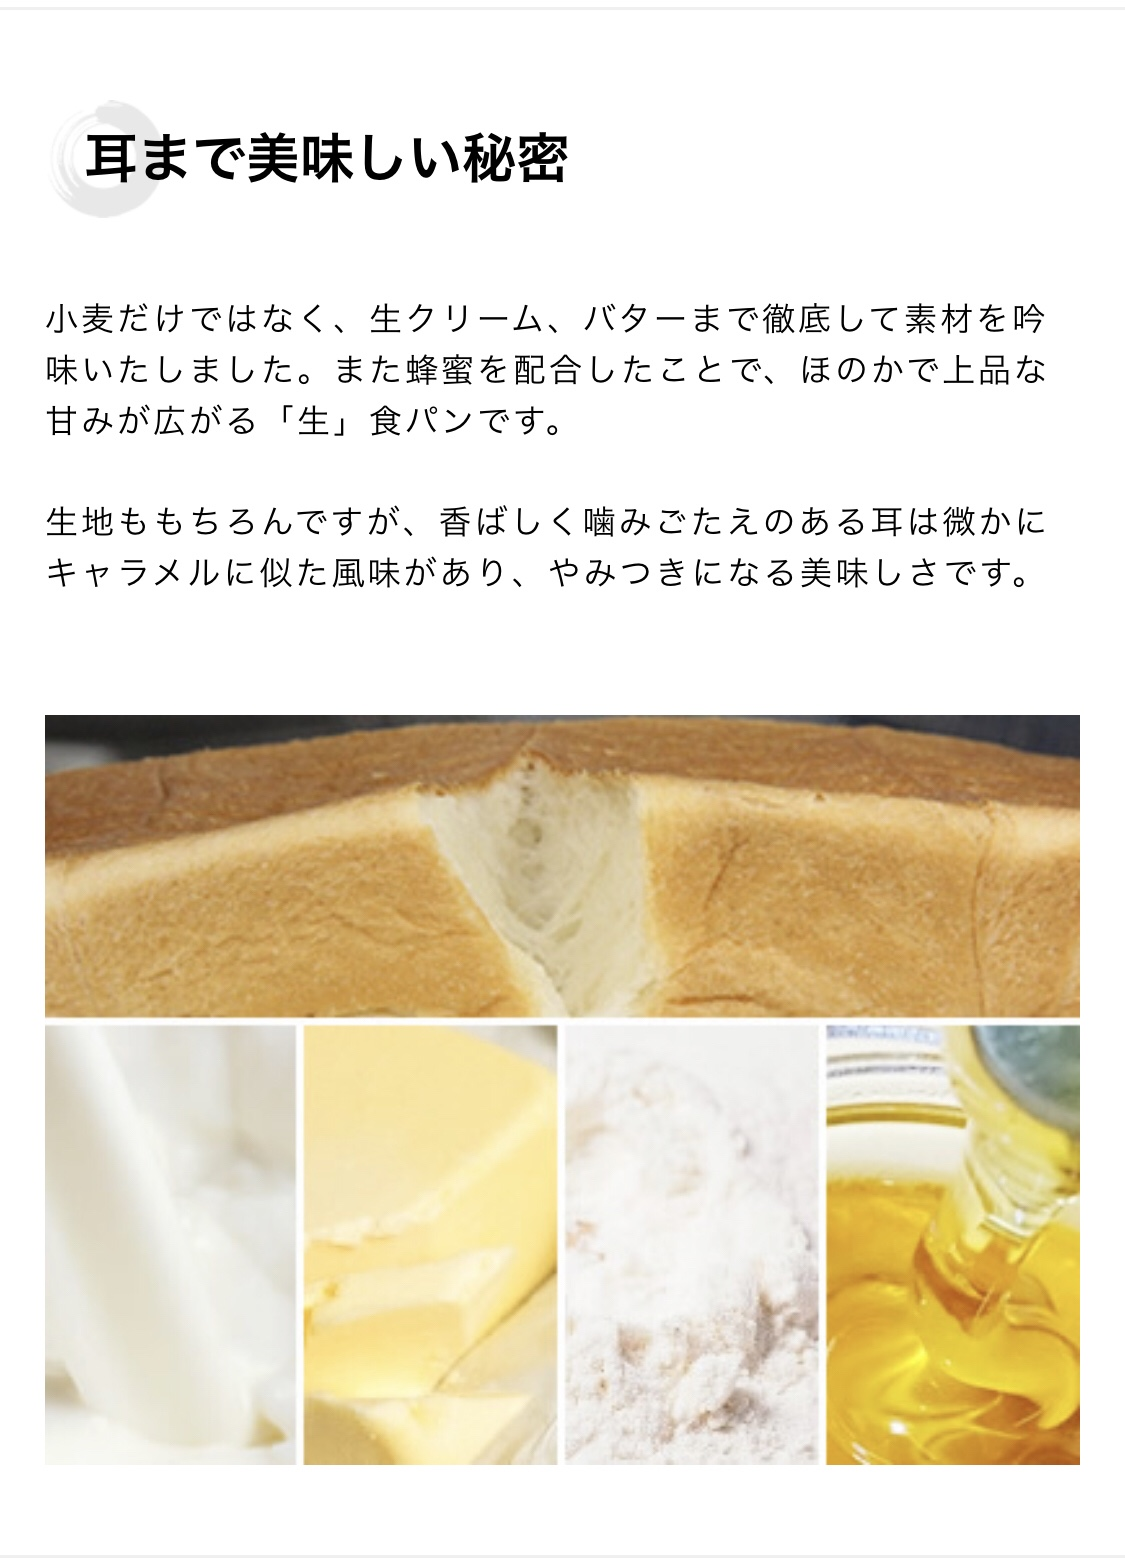 み 水戸 食パン が の